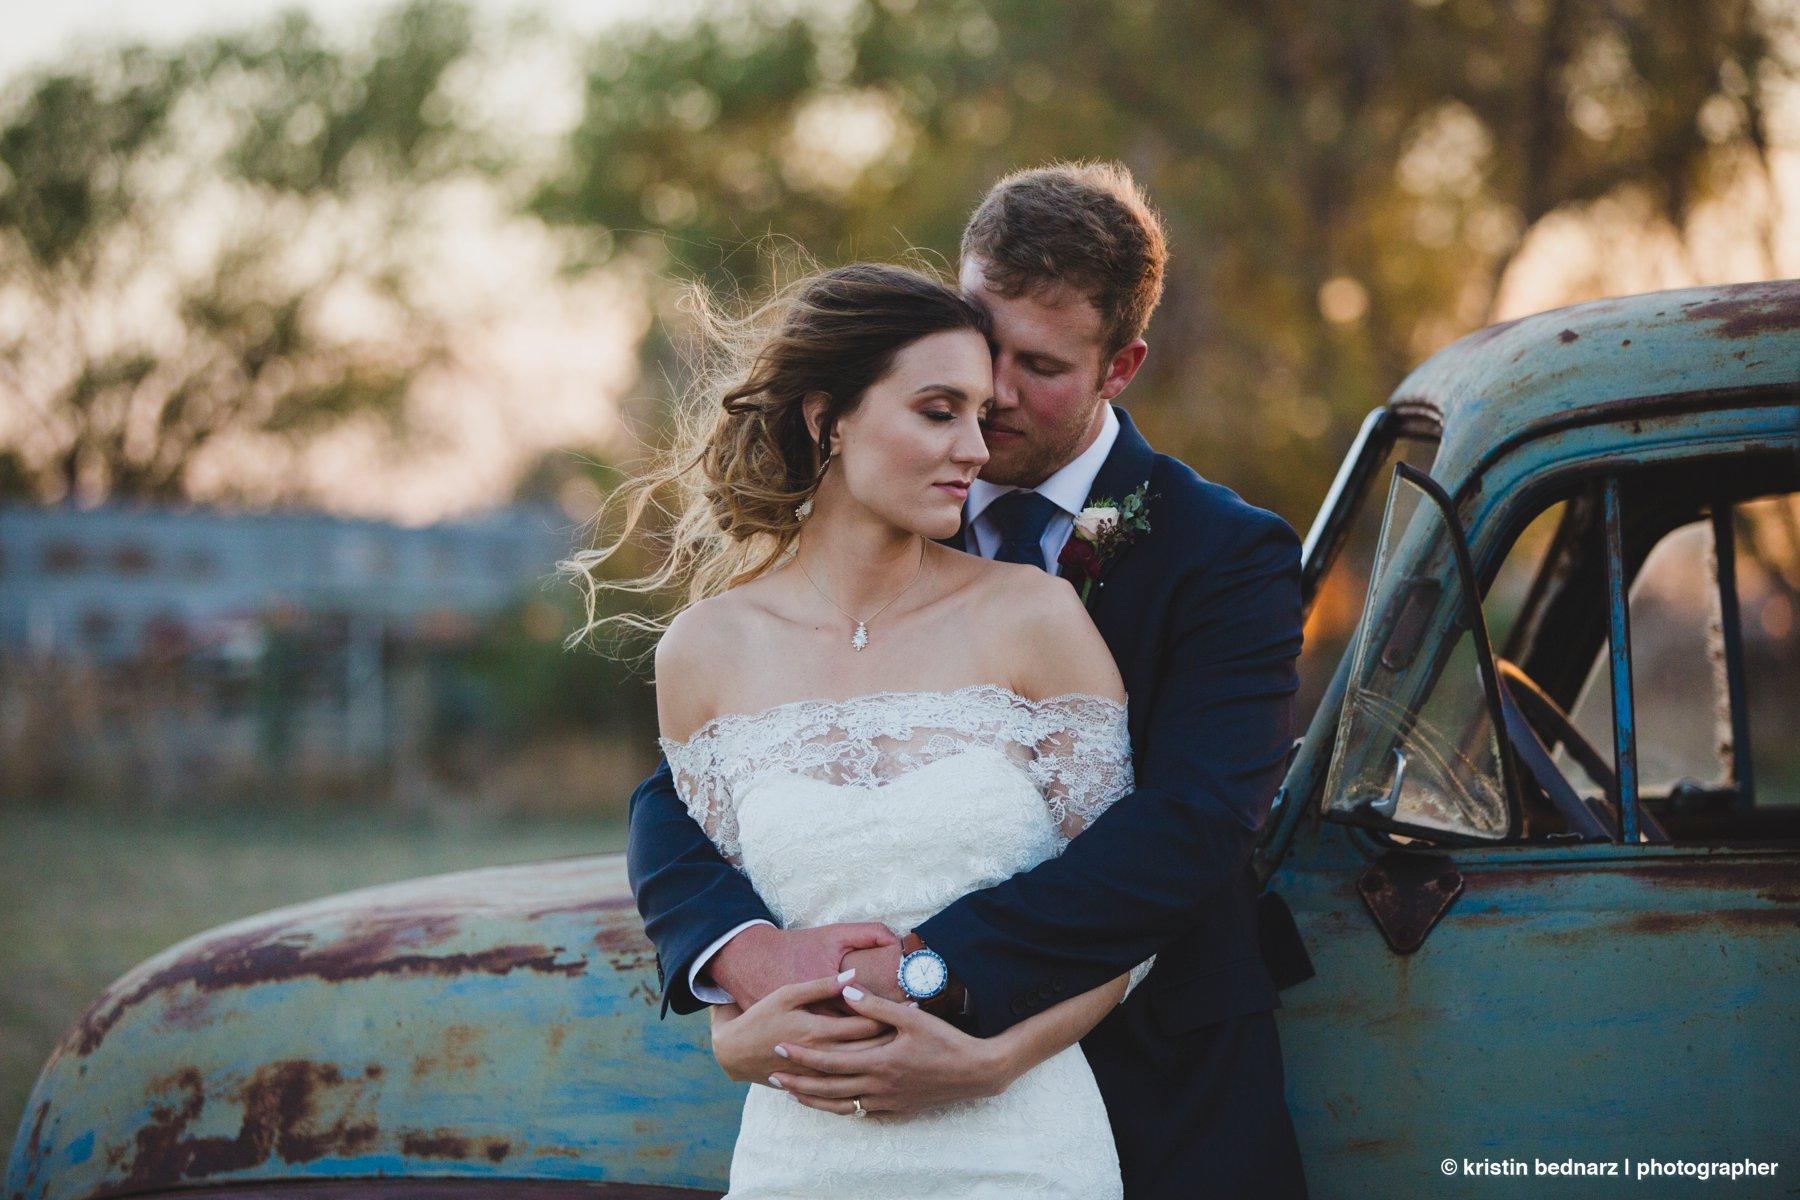 Krisitin_Bednarz_Lubbock_Wedding_Photographer_20180602_0082.JPG